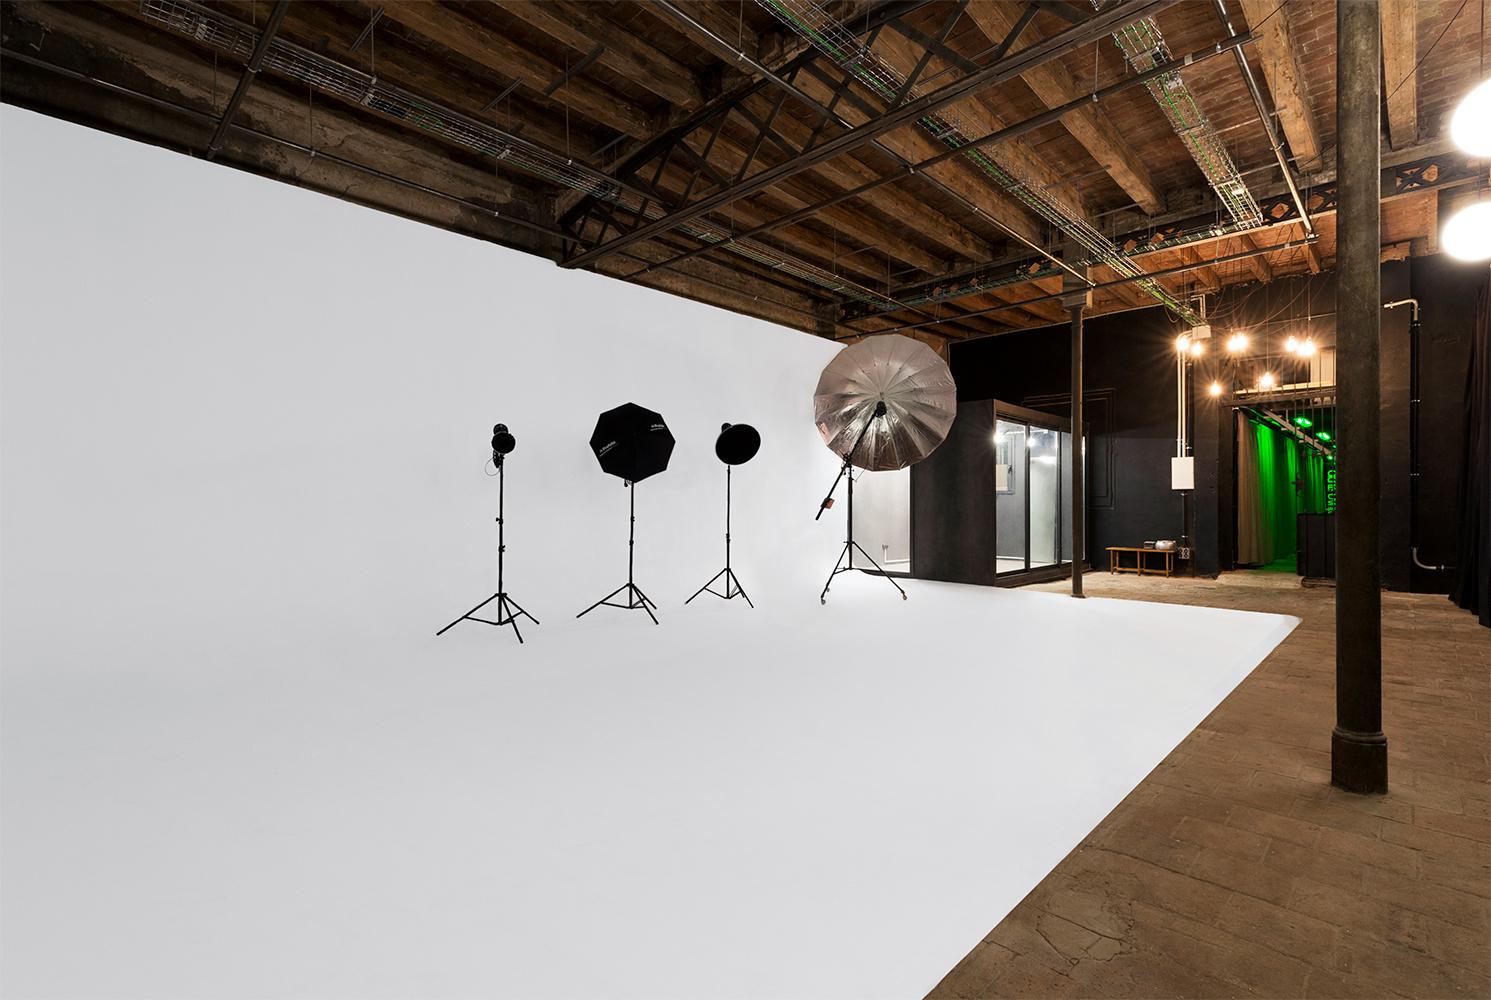 Alquiler de estudio para fotografía y video en Barcelona